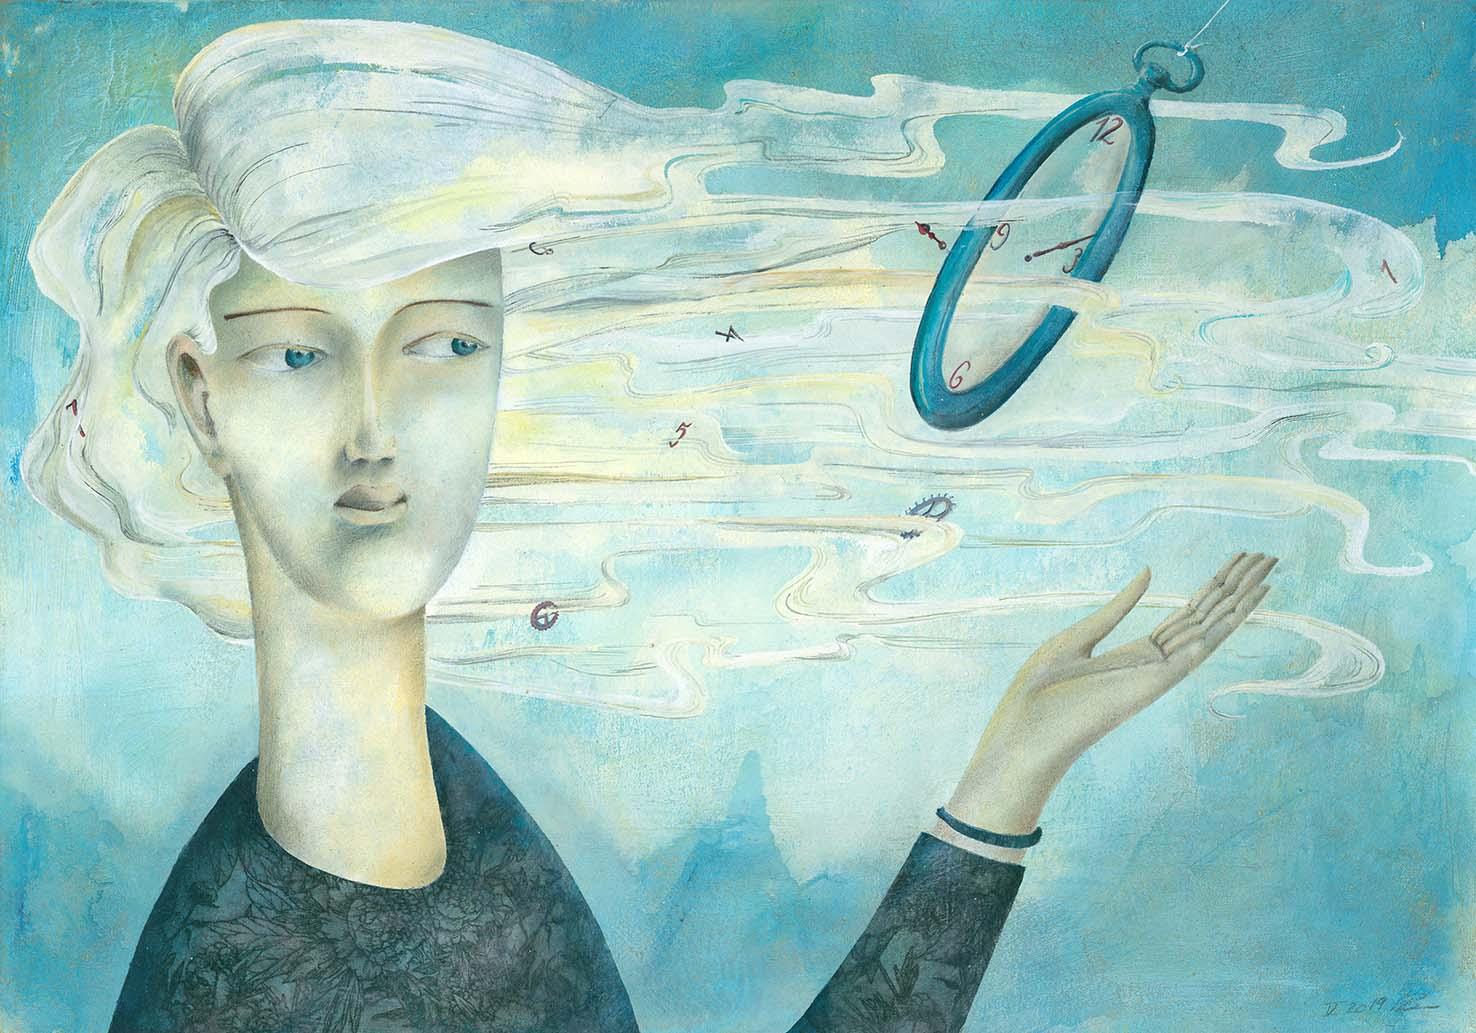 Zeichnend tauchen wir ein in die Welt der Illustration. Illustration eröffnet uns die Freiheit, Dinge nicht so darzustellen, wie sie sind, sondern wie sie sein könnten. Verblüffen. Überraschen. Gefühle wecken beim Betrachter. Interpretationsspielräume eröffnen und anfangen zu träumen. Spielerisch erlernen wir Wissenswertes zum Thema Bildkomposition und Bildaufbau. Mit Licht und Schatten in unseren Zeichnungen sorgen wir für Spannung. Schliesslich finden wir einen Weg, wie wir Poesie, Fantasie und Charme in unsere Bildkompositionen einfliessen lassen. Für Fortgeschrittene und für Anfänger geeignet.